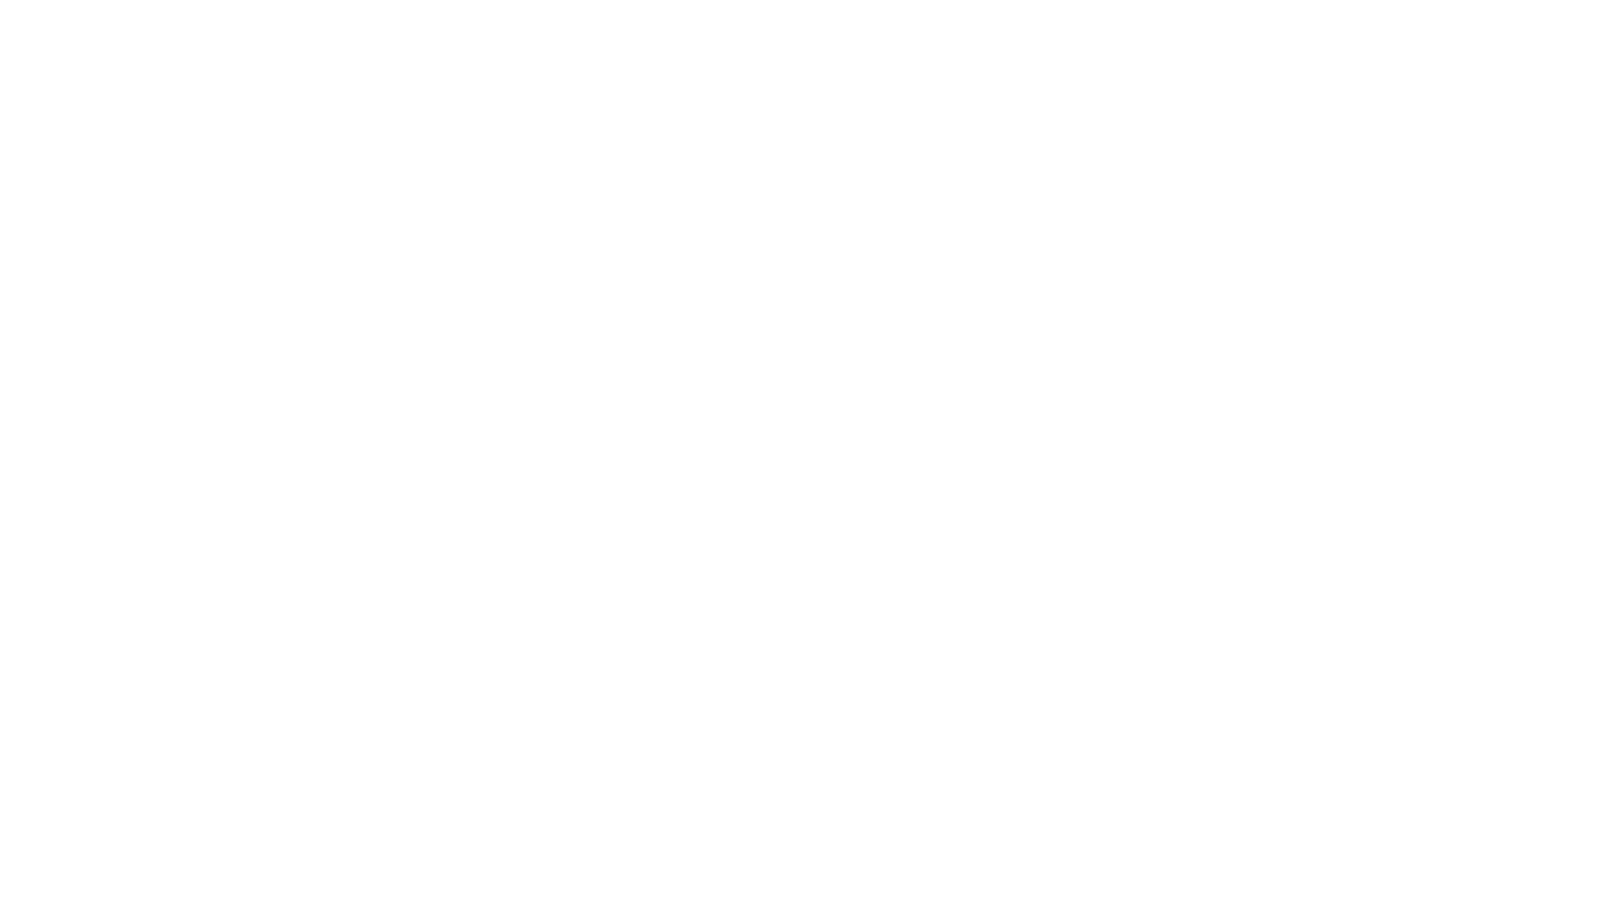 GeL 179 - O dicas da Ba de hoje está voltado para aqueles que querem começar a ler em outras línguas, no vídeo conto um pouco de como comecei a ler em inglês e eu espero que te sirva de incentivo para começar a ler também. #garotasentrelivros #dicasdaBa #literatura  Conhece o Kindle Unlimited? Teste gratuitamente por 30 dias: https://amzn.to/39eZoy7...  Conhece a Amazon Prime? Teste gratuitamente por 30 dias: https://amzn.to/3ak2uCu  Compre os livros Walking Disaster: https://amzn.to/3dg3bjT It Ends With Us: https://amzn.to/2RAmeNB Great Expectations: https://amzn.to/3a8WHBH  Conheça o blog e confira as resenhas! https://www.garotasentrelivros.com/...  Participe do nosso clube de leitura! https://www.facebook.com/groups/buddy......  Siga o GeL nas redes sociais! Facebook: http://bit.ly/2qyXzfj Twitter: http://bit.ly/2OjG5wt Instagram: http://bit.ly/2Ojqih1 Skoob: http://bit.ly/34qRKzi